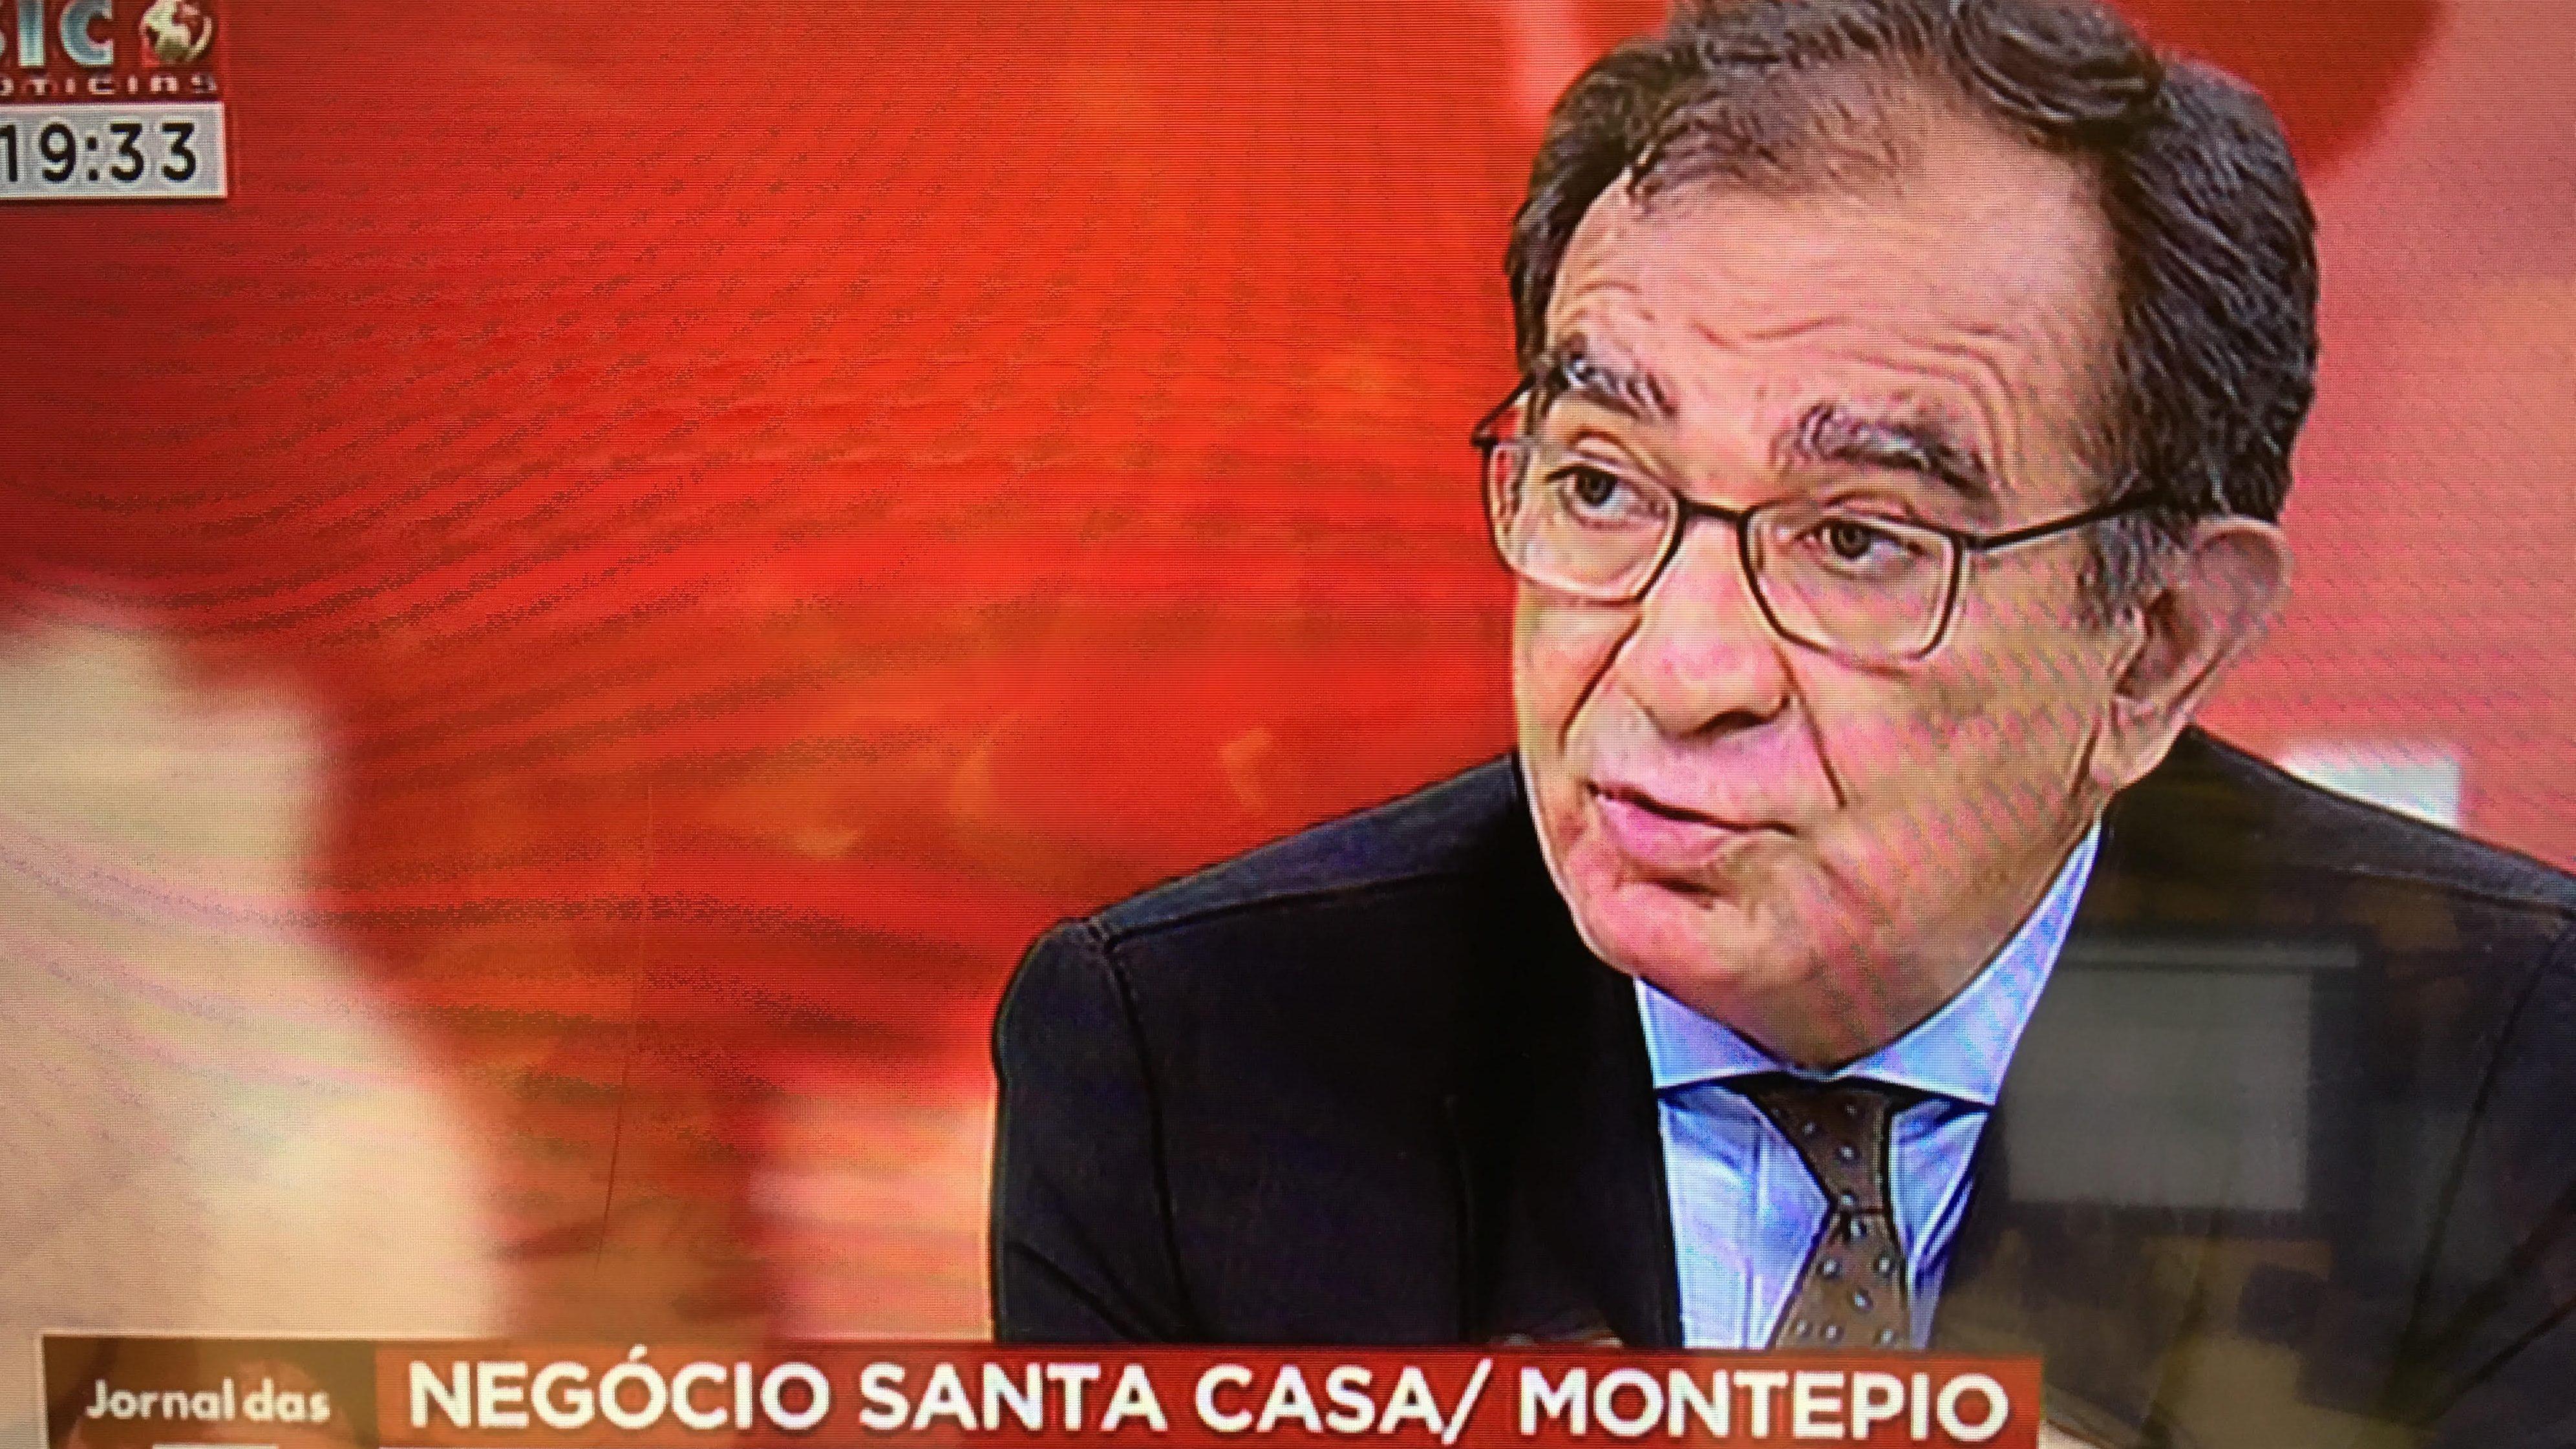 Montepio avaliado em 1.600 milhões de euros, diz estudo da Santa Casa